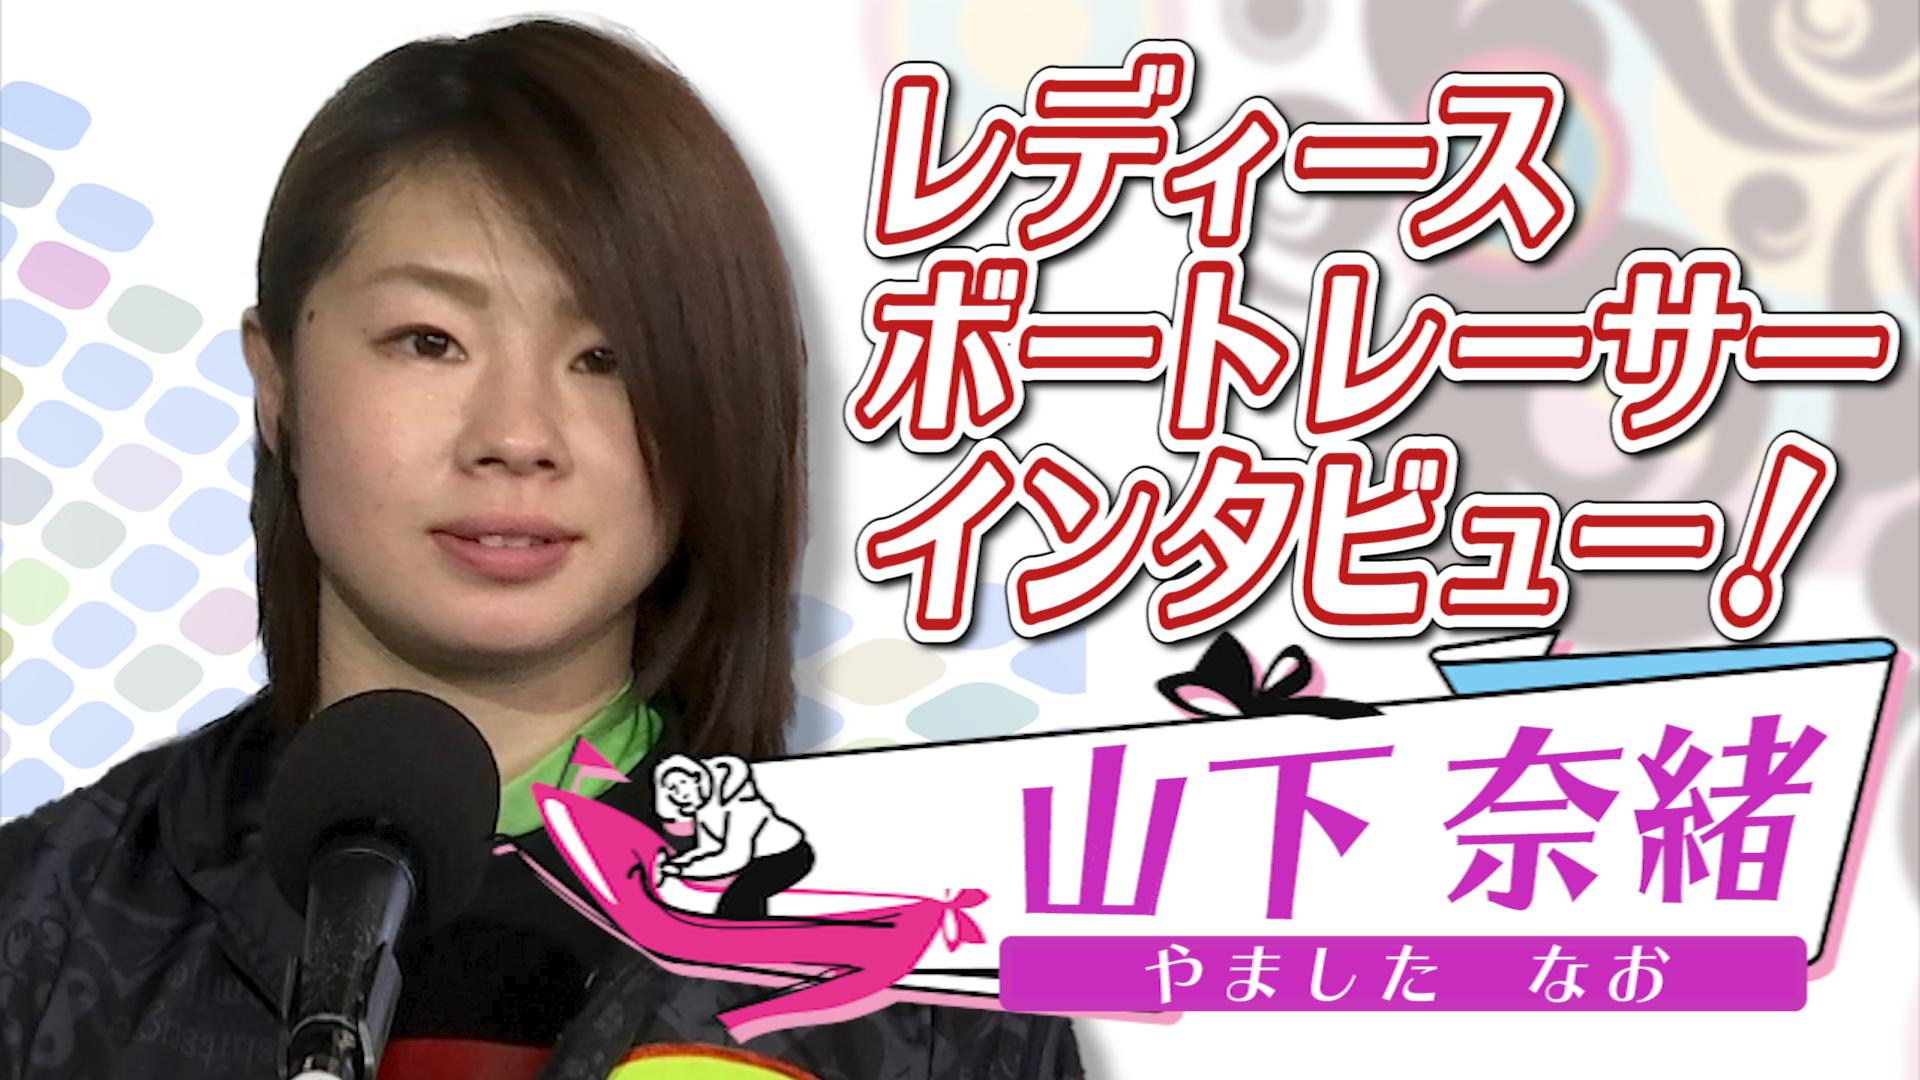 アームレスリング西日本2位だった山下奈緒選手!ターンで魅了できるよう鍛錬の日々が続く!!|ボートレース